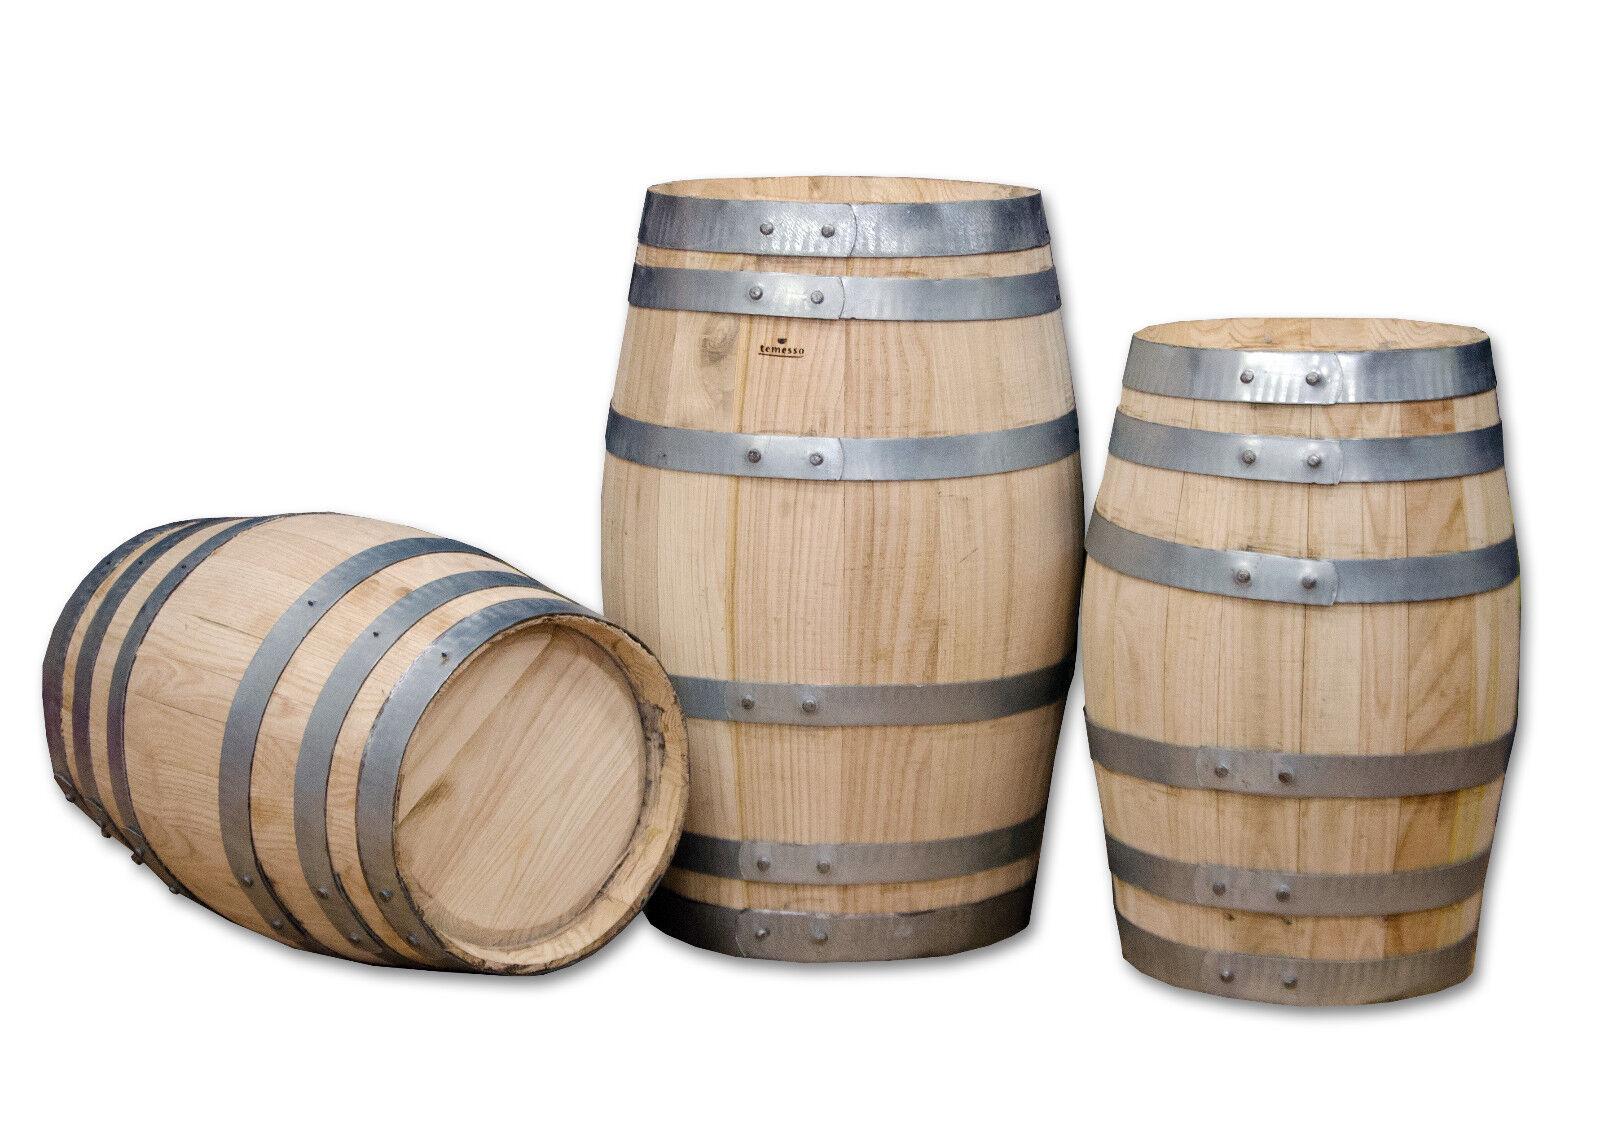 Piccolo vino fusto holzfaß Botticello Decorazione BOTTE DI VINO BOTTICELLO Castagna 10 15 30 50 L